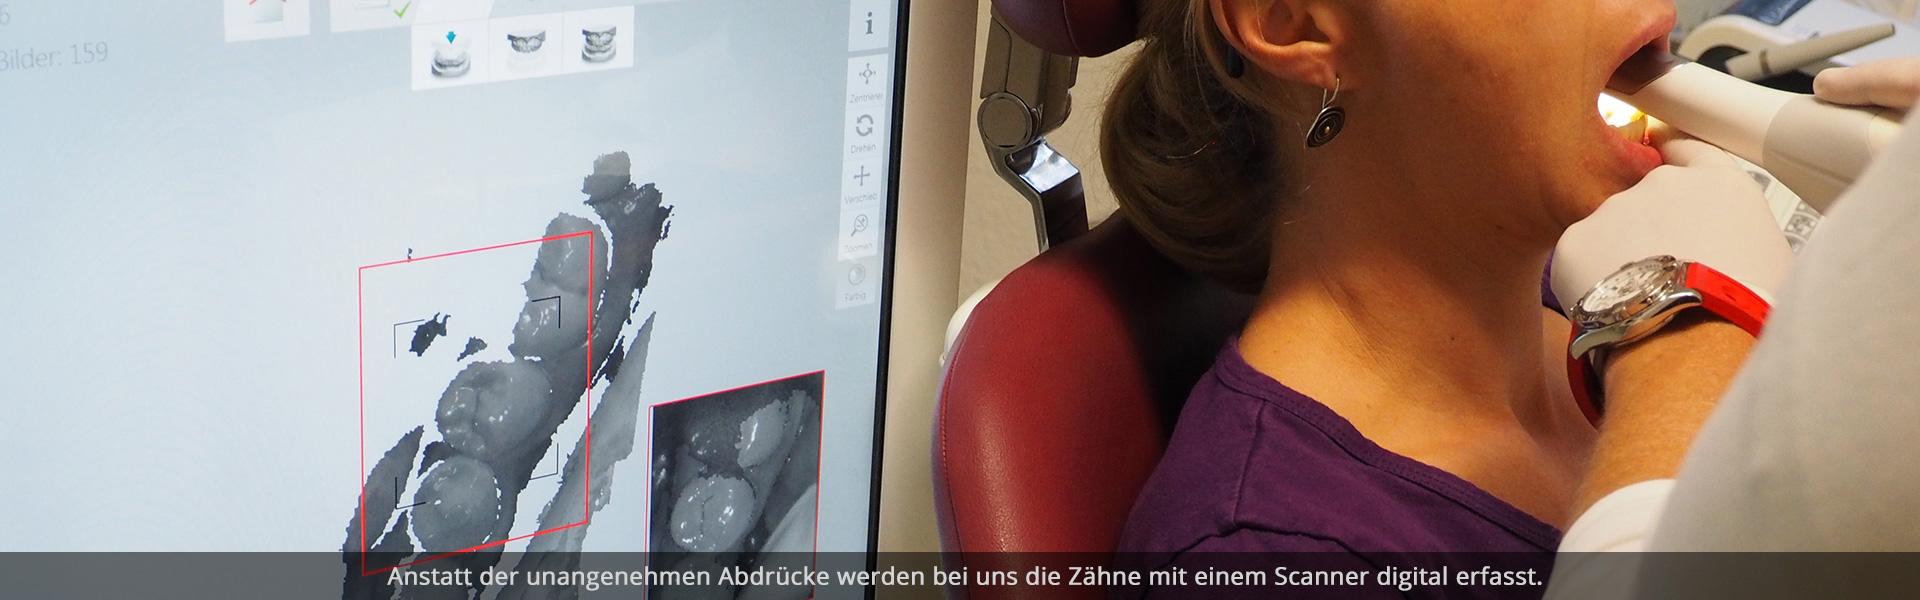 Zahnarzt scannt die Zähne